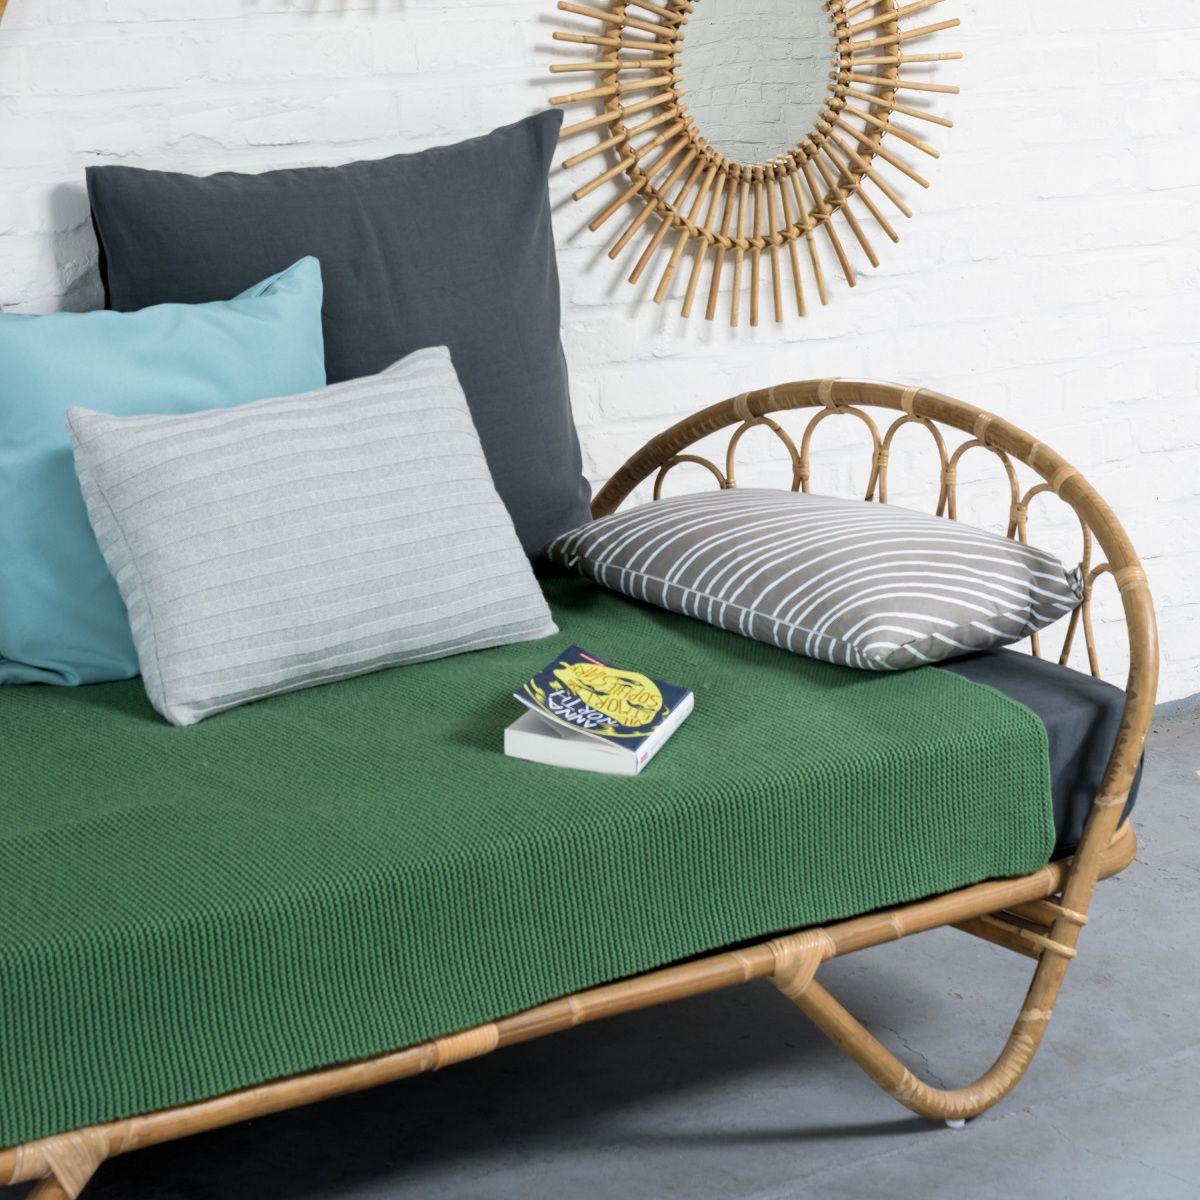 les 25 meilleures id es de la cat gorie lit une personne sur pinterest lit pour une personne. Black Bedroom Furniture Sets. Home Design Ideas